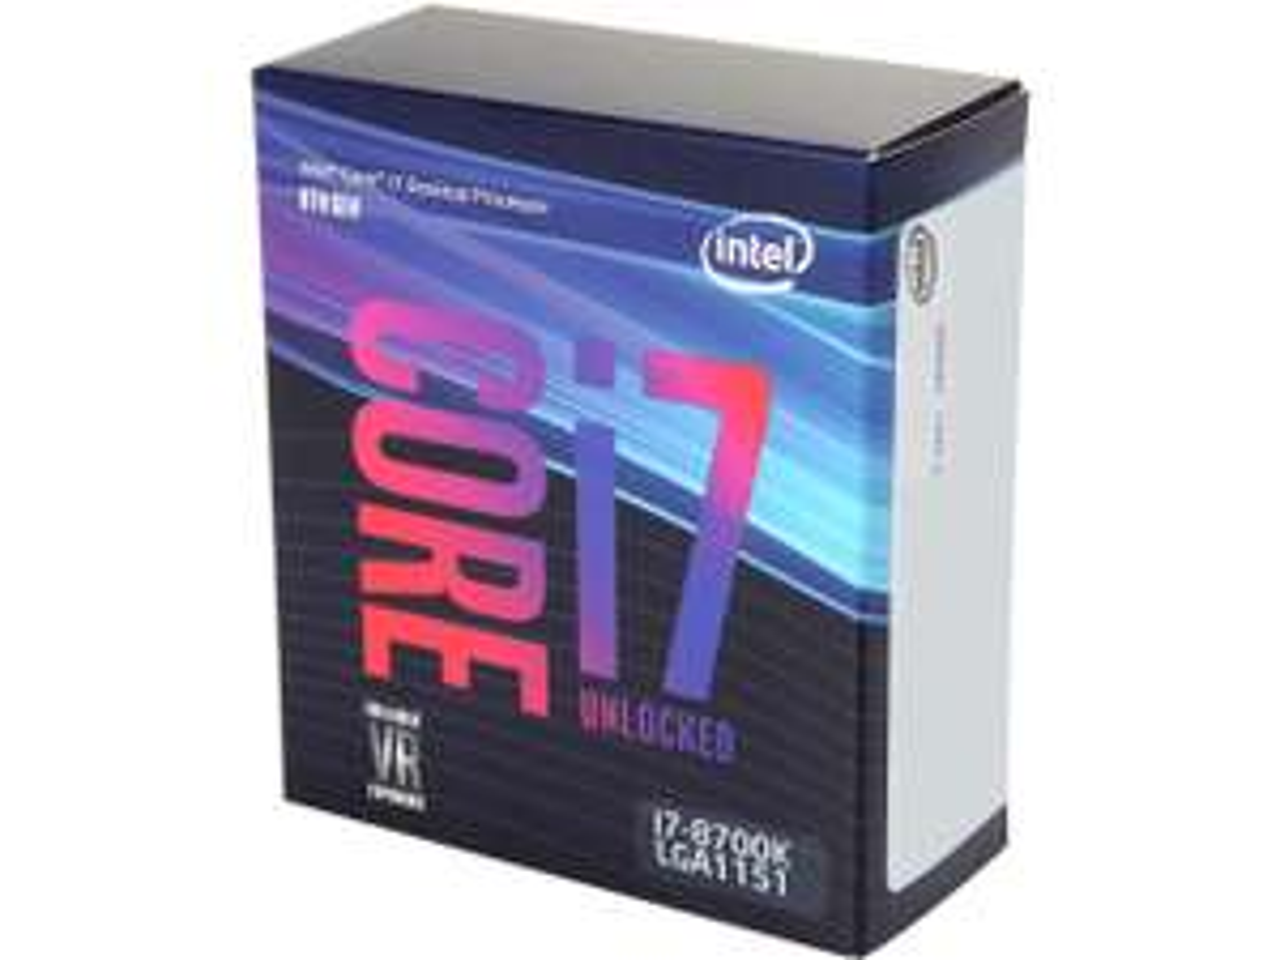 Processeur Intel Core i7-8700K 3.7GHz (4.7 GHz), 6C/12T